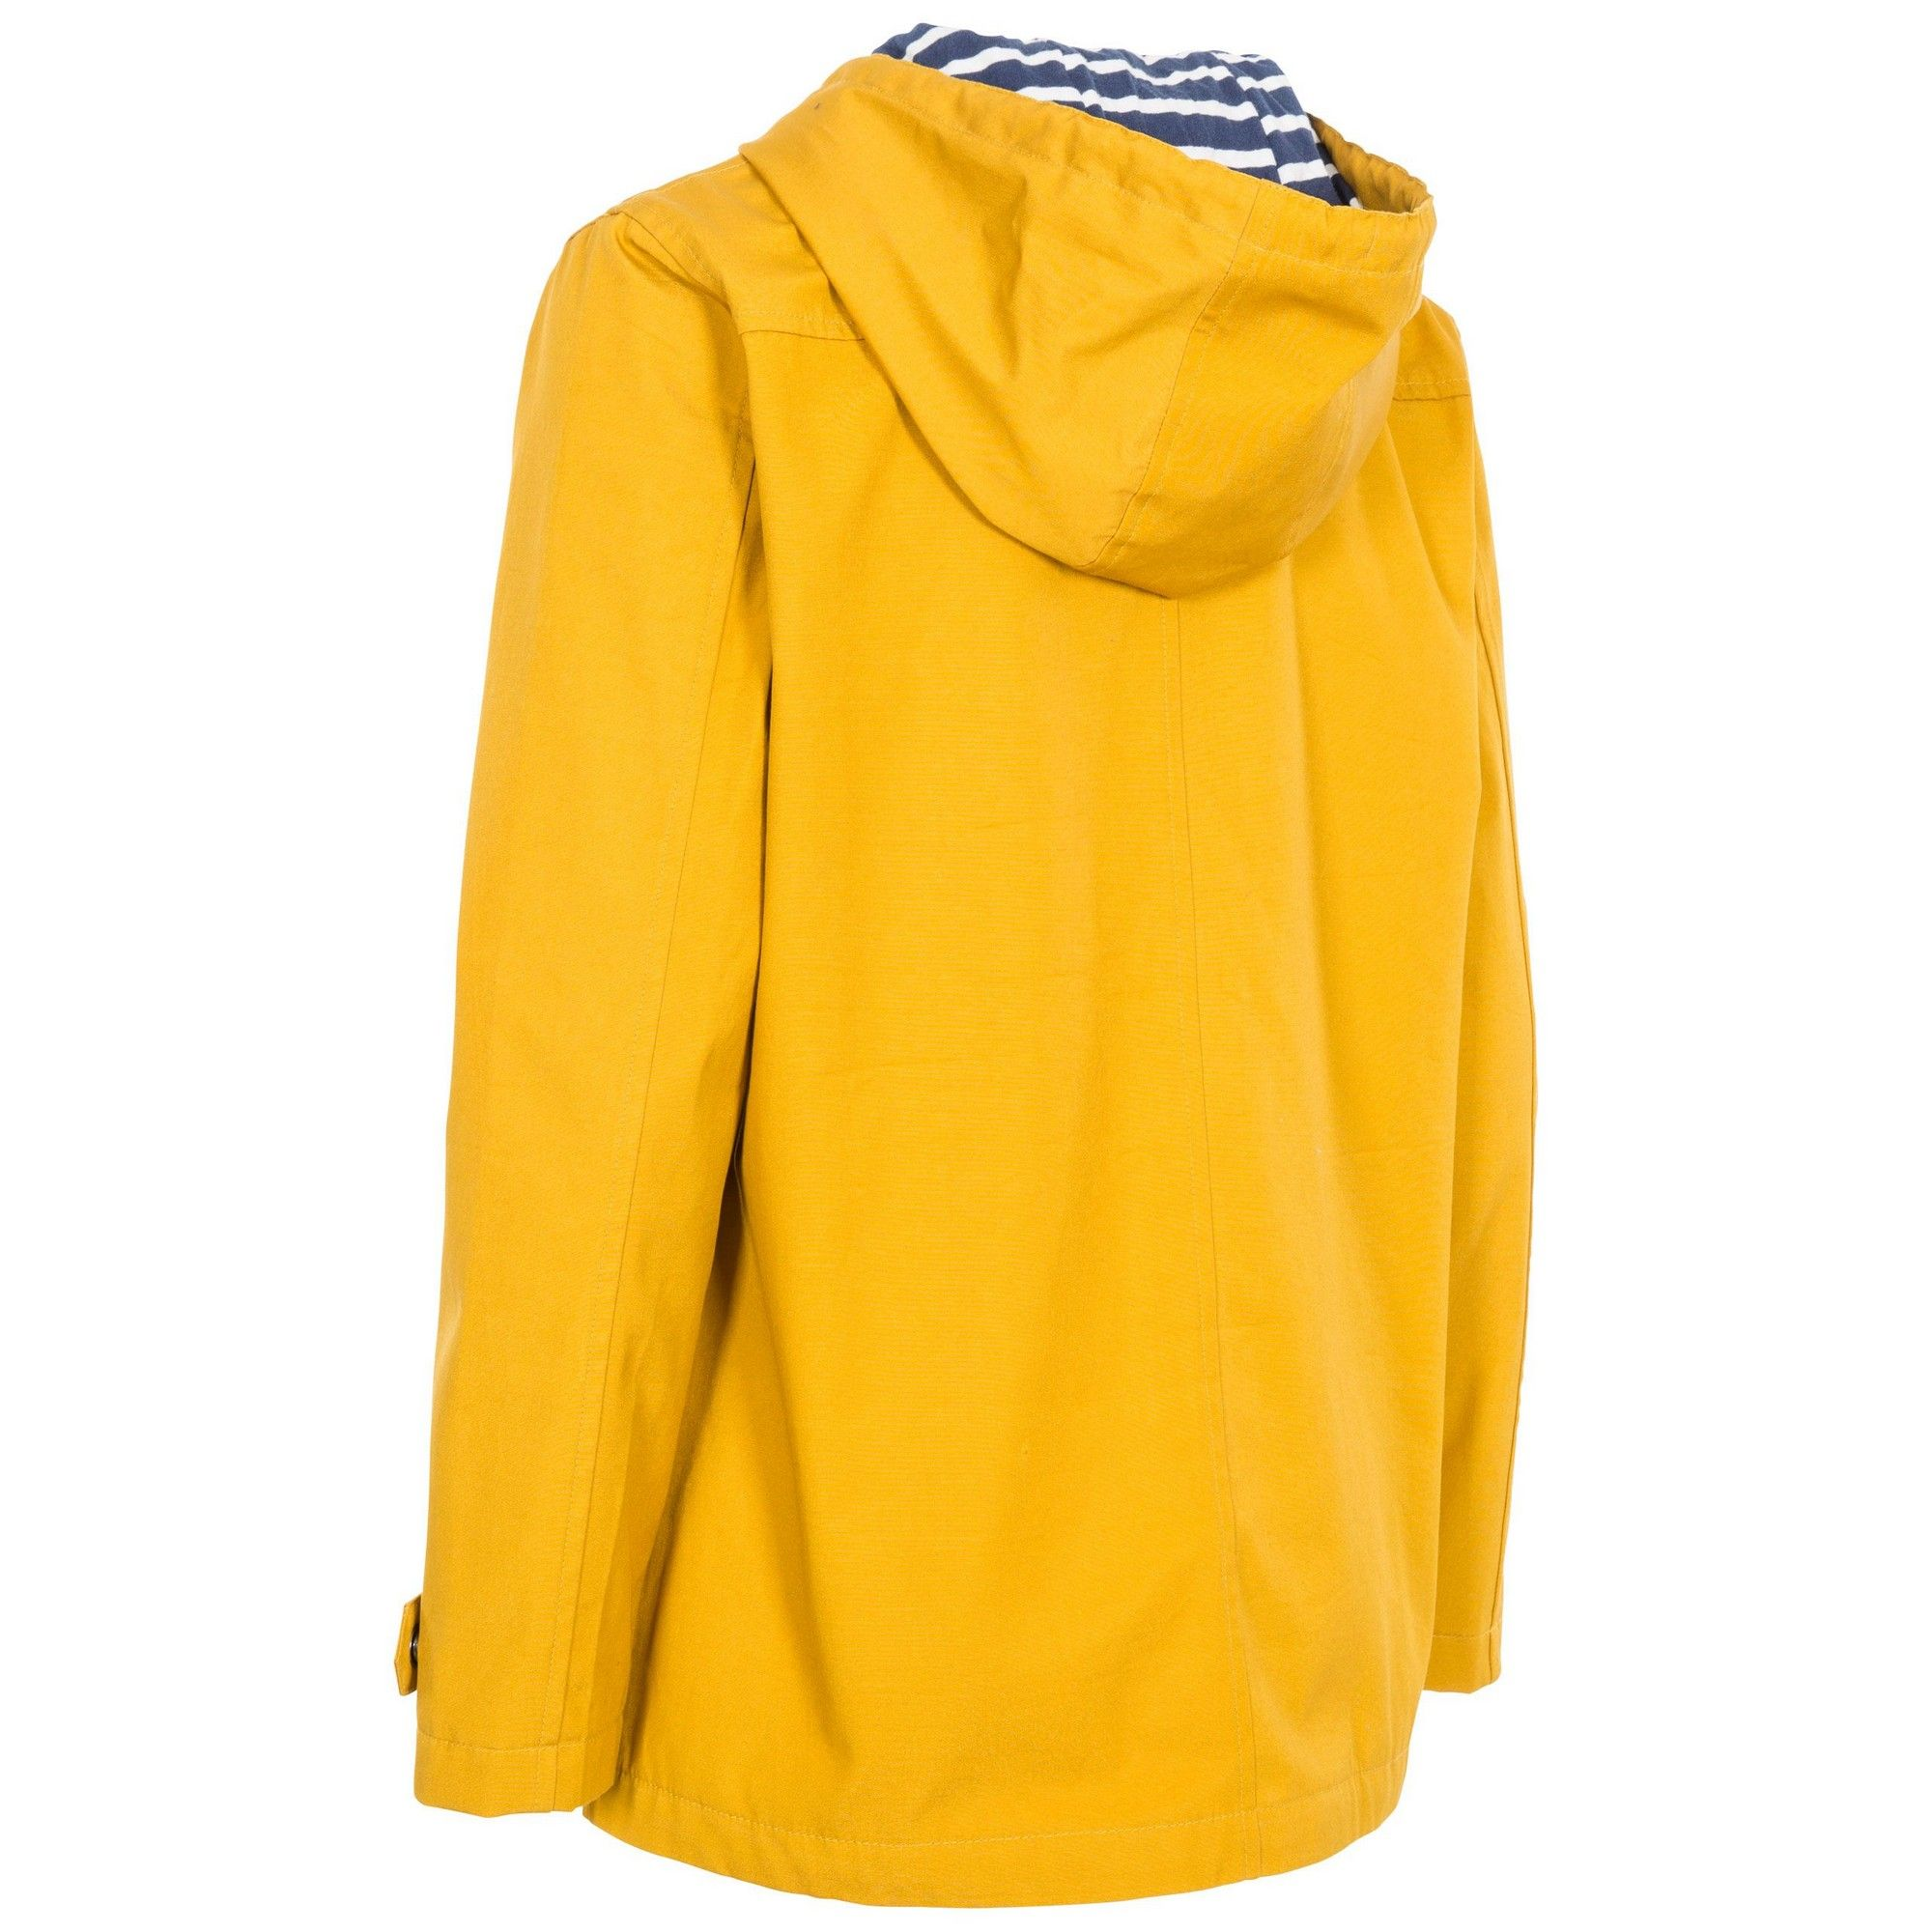 Trespass Womens/Ladies Seawater Waterproof Jacket